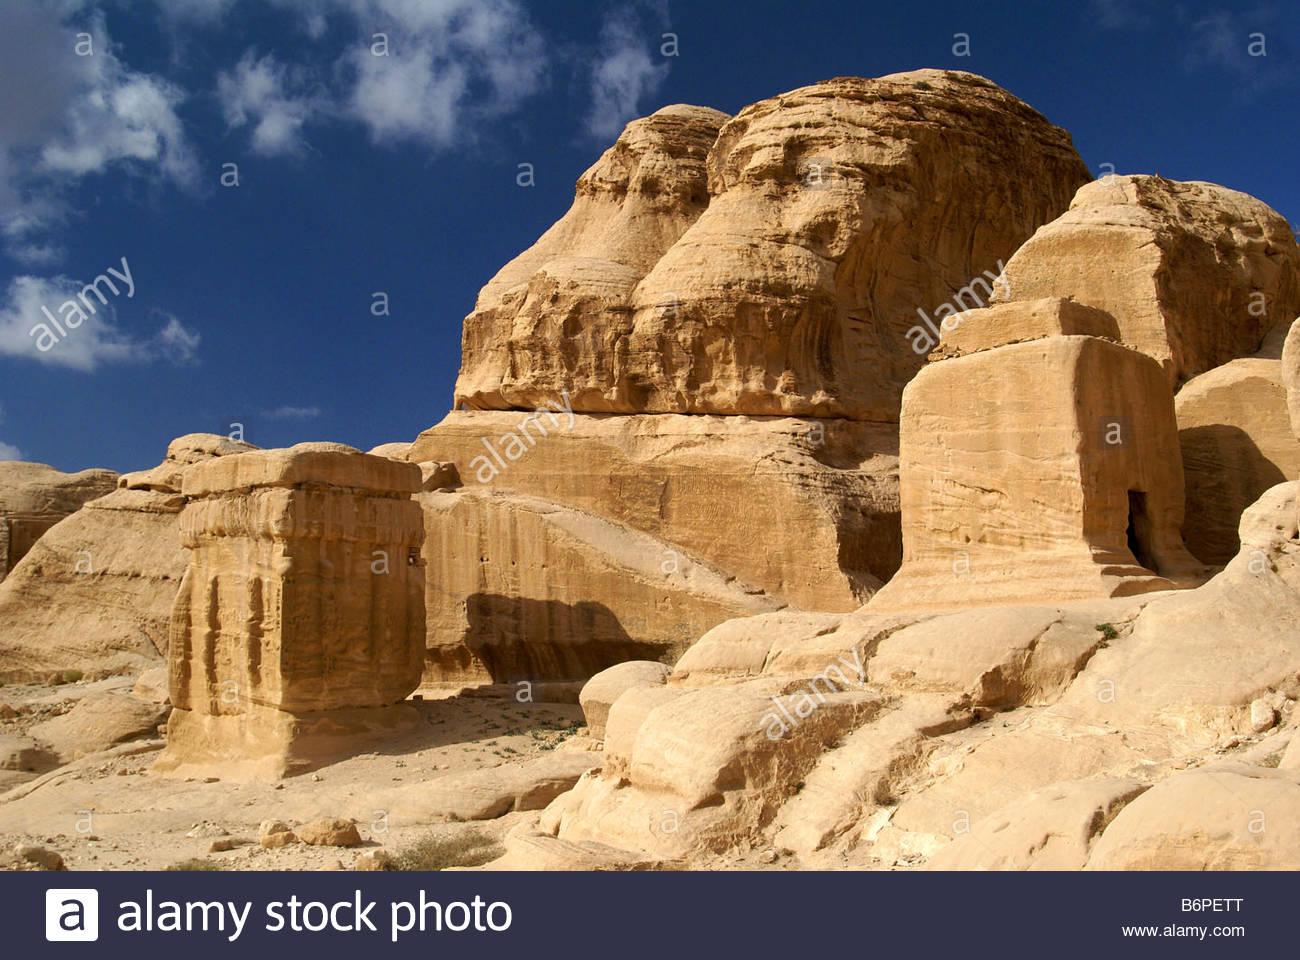 Djinn Blocks - ancient tombs of Petra in Jordan - Stock Image